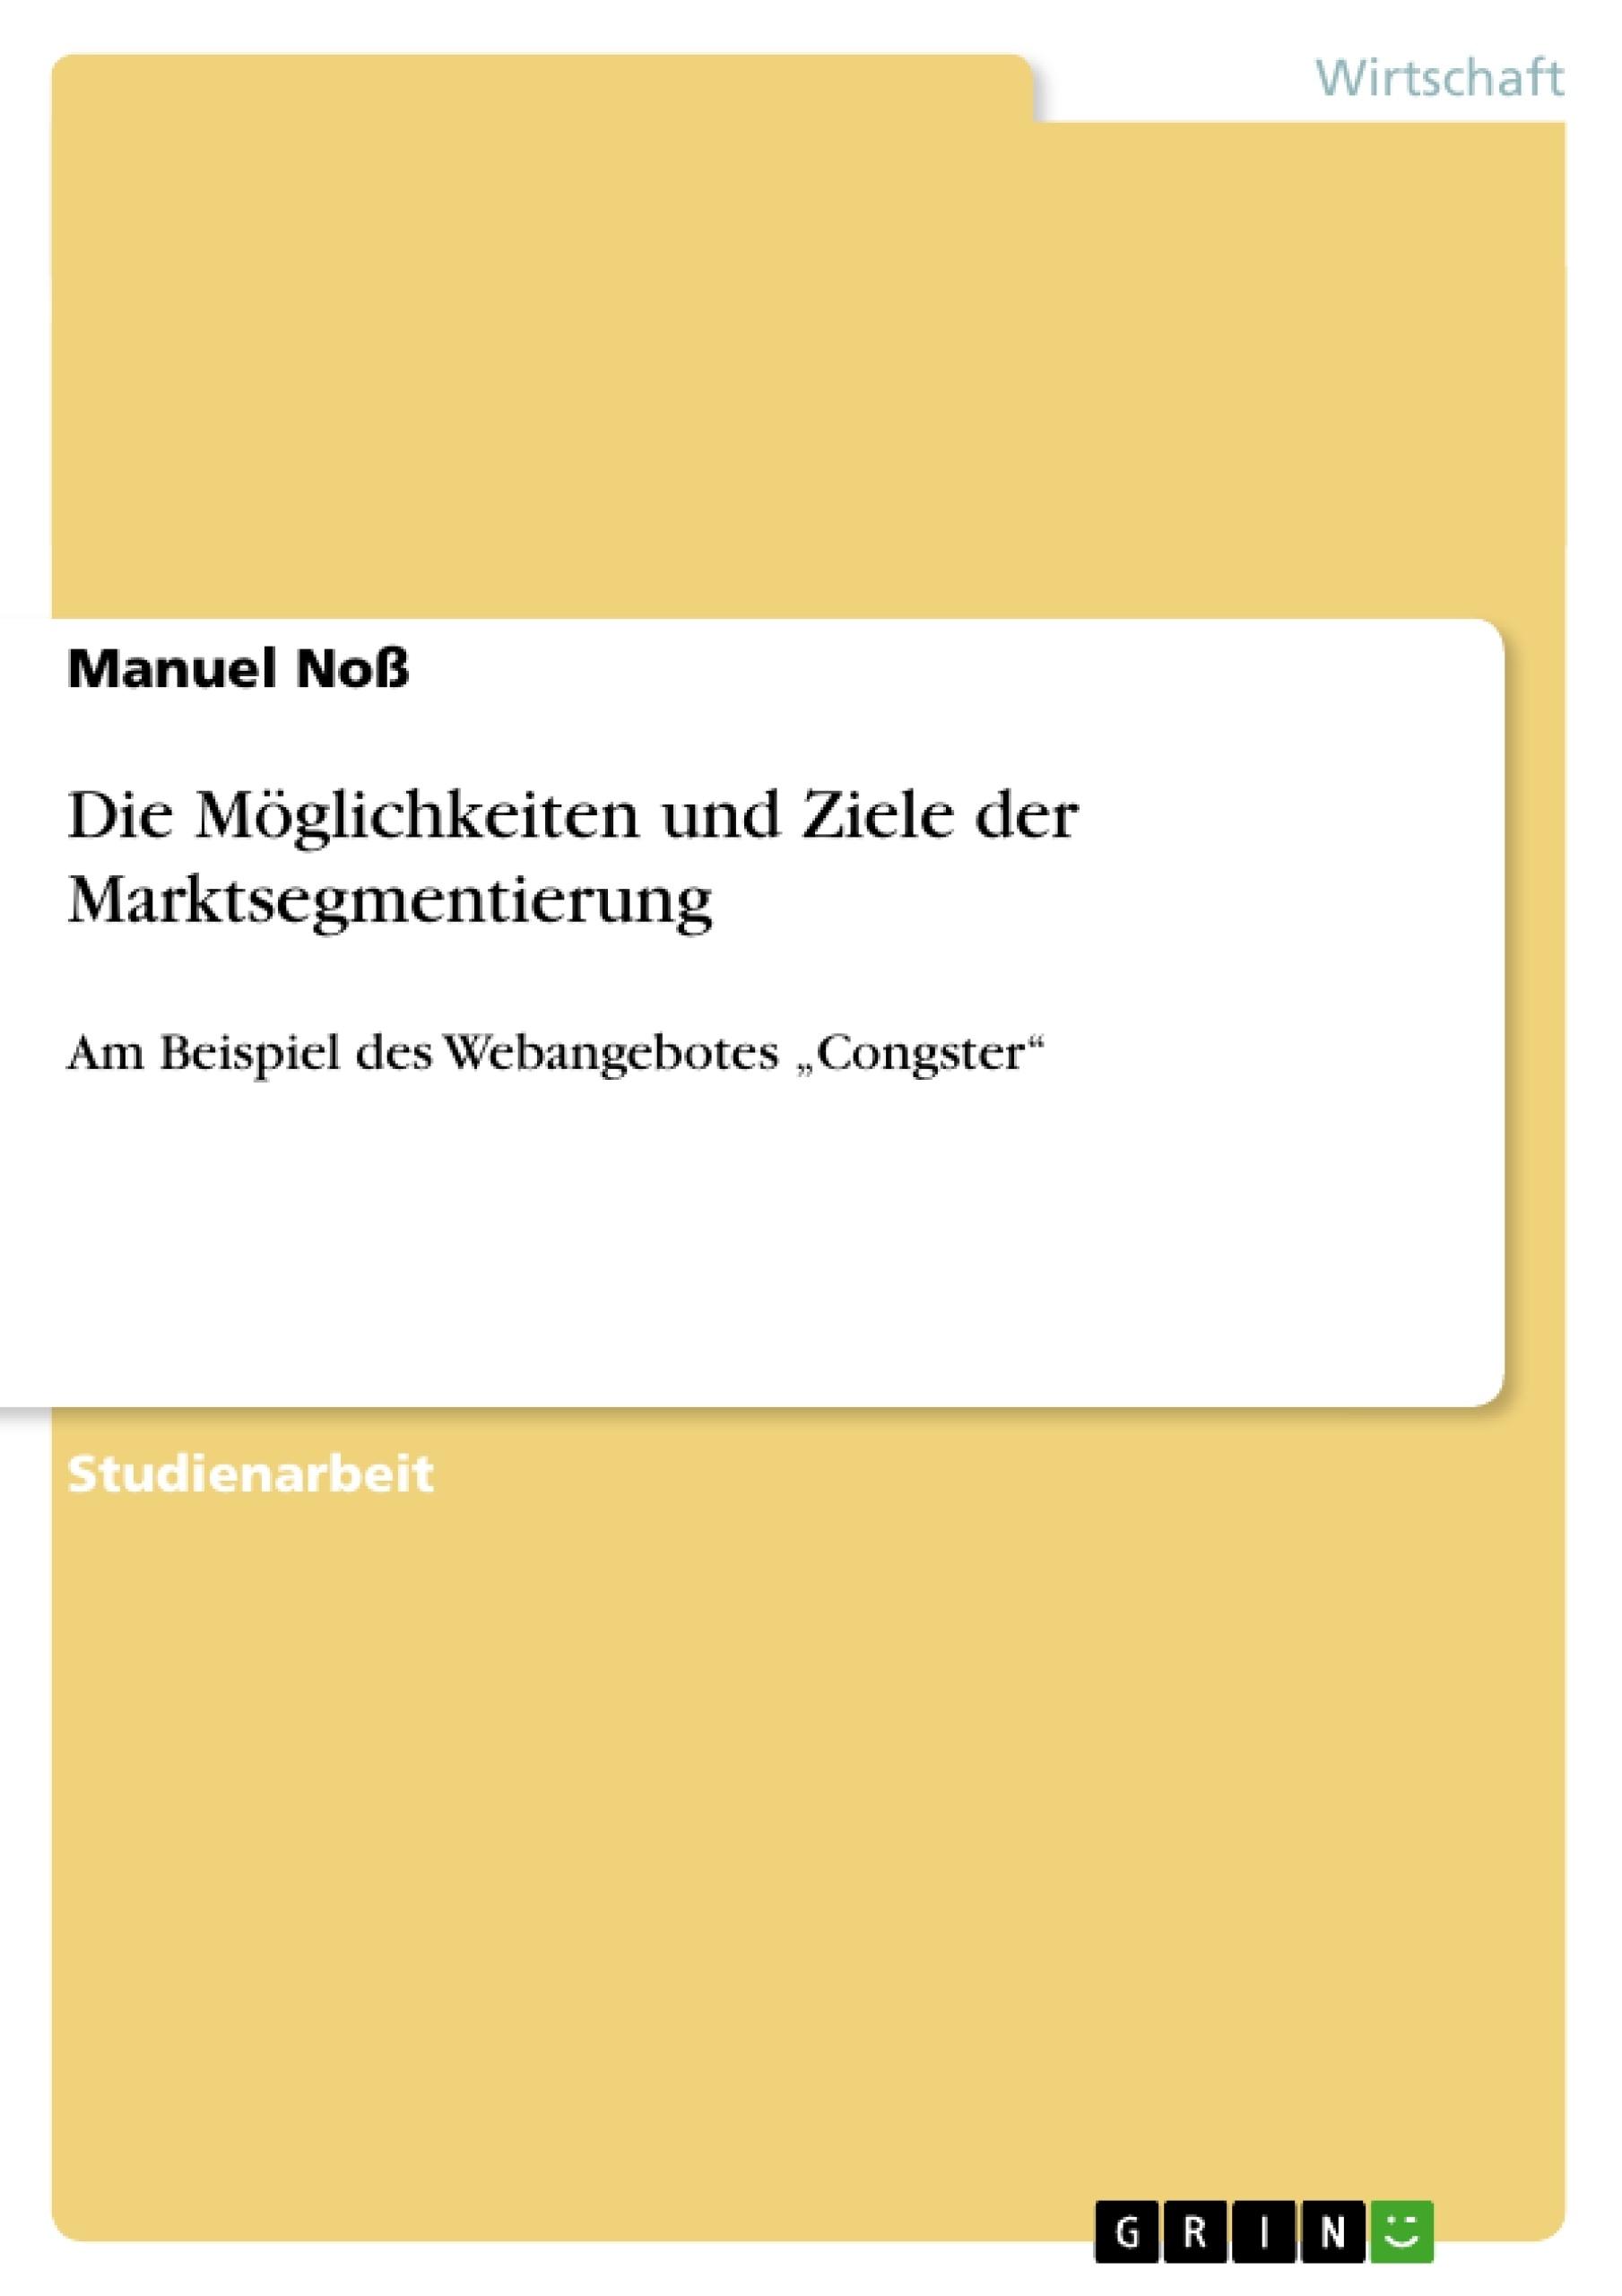 Titel: Die Möglichkeiten und Ziele der Marktsegmentierung